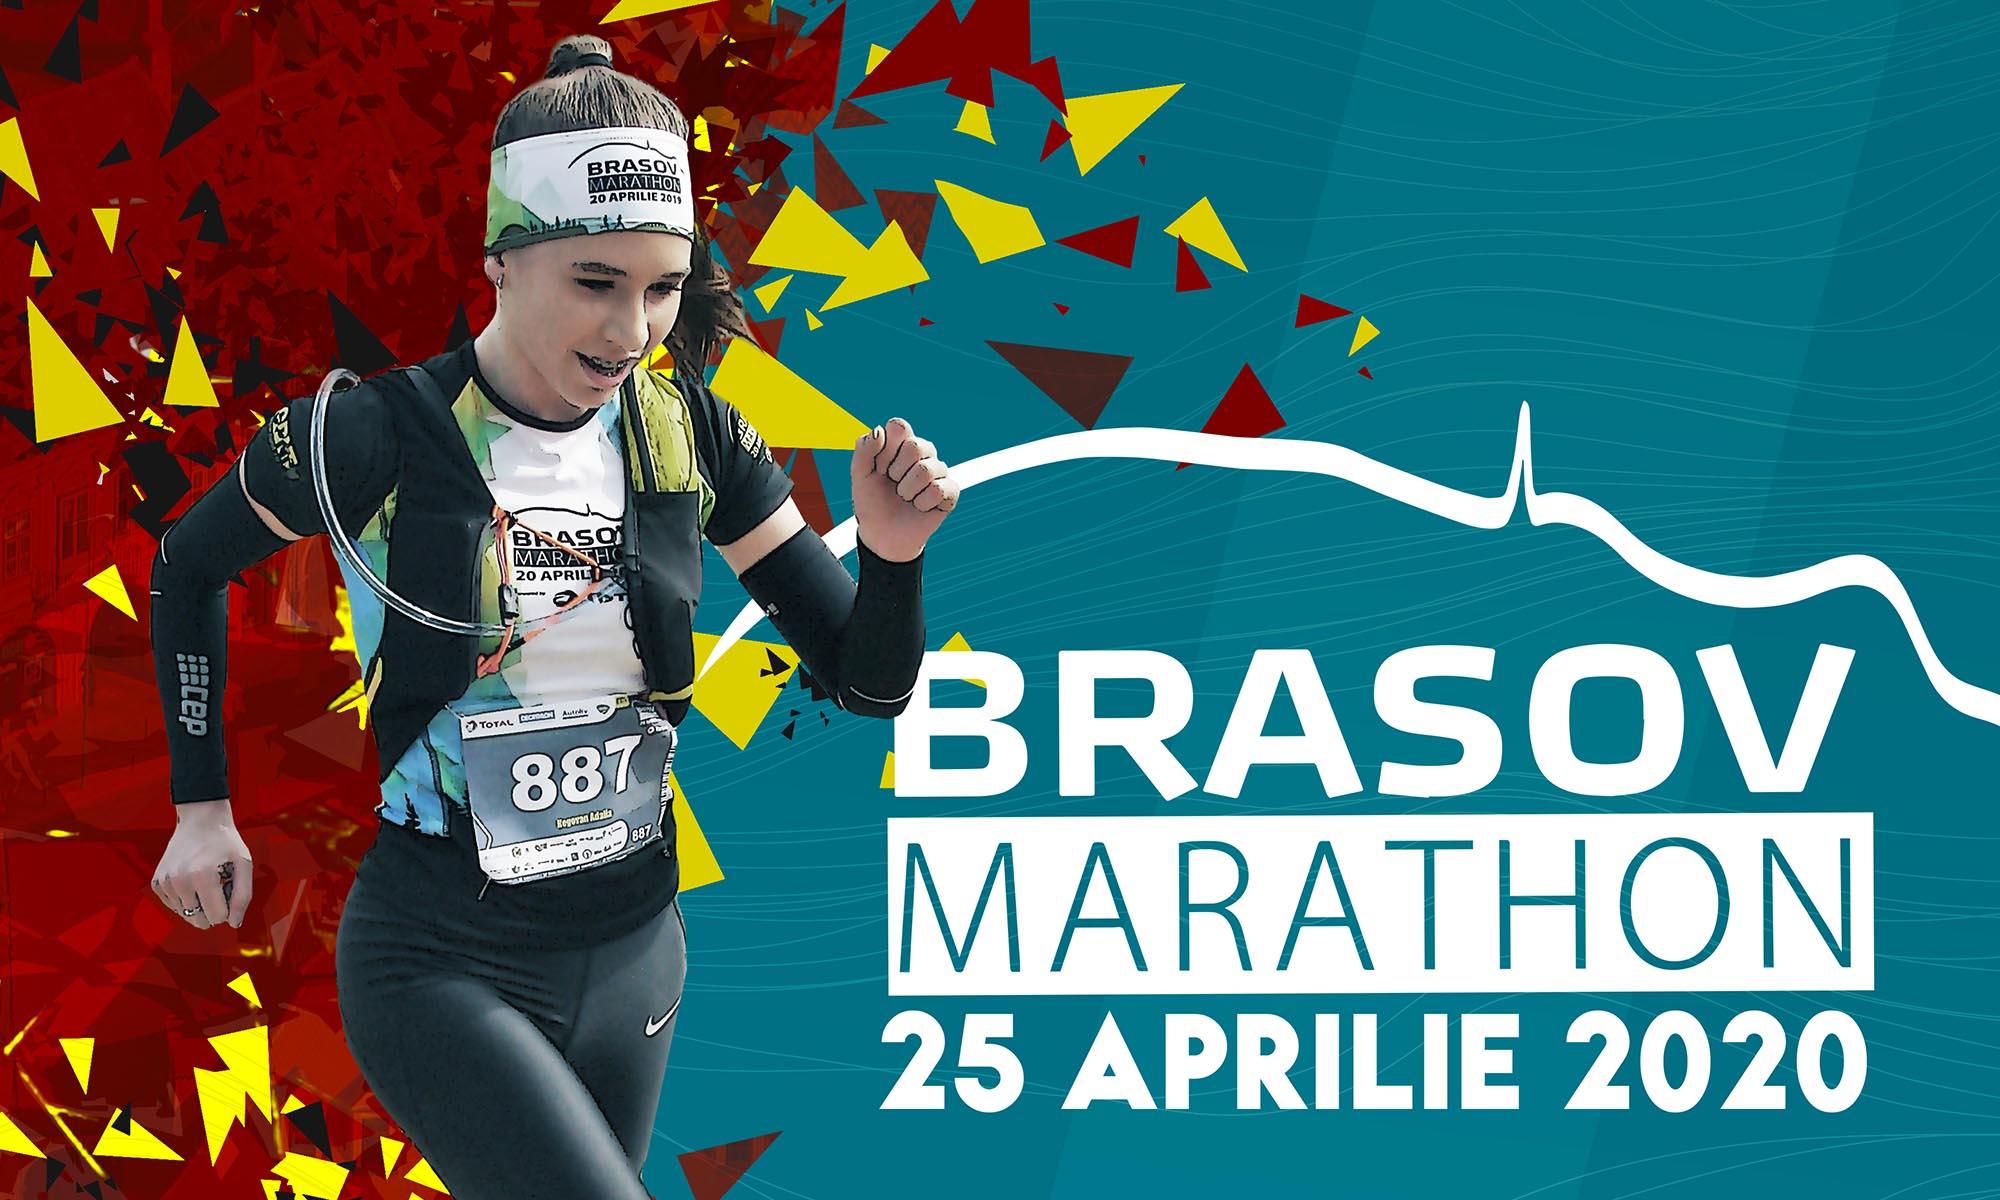 Grafică afiș Brașov Marathon